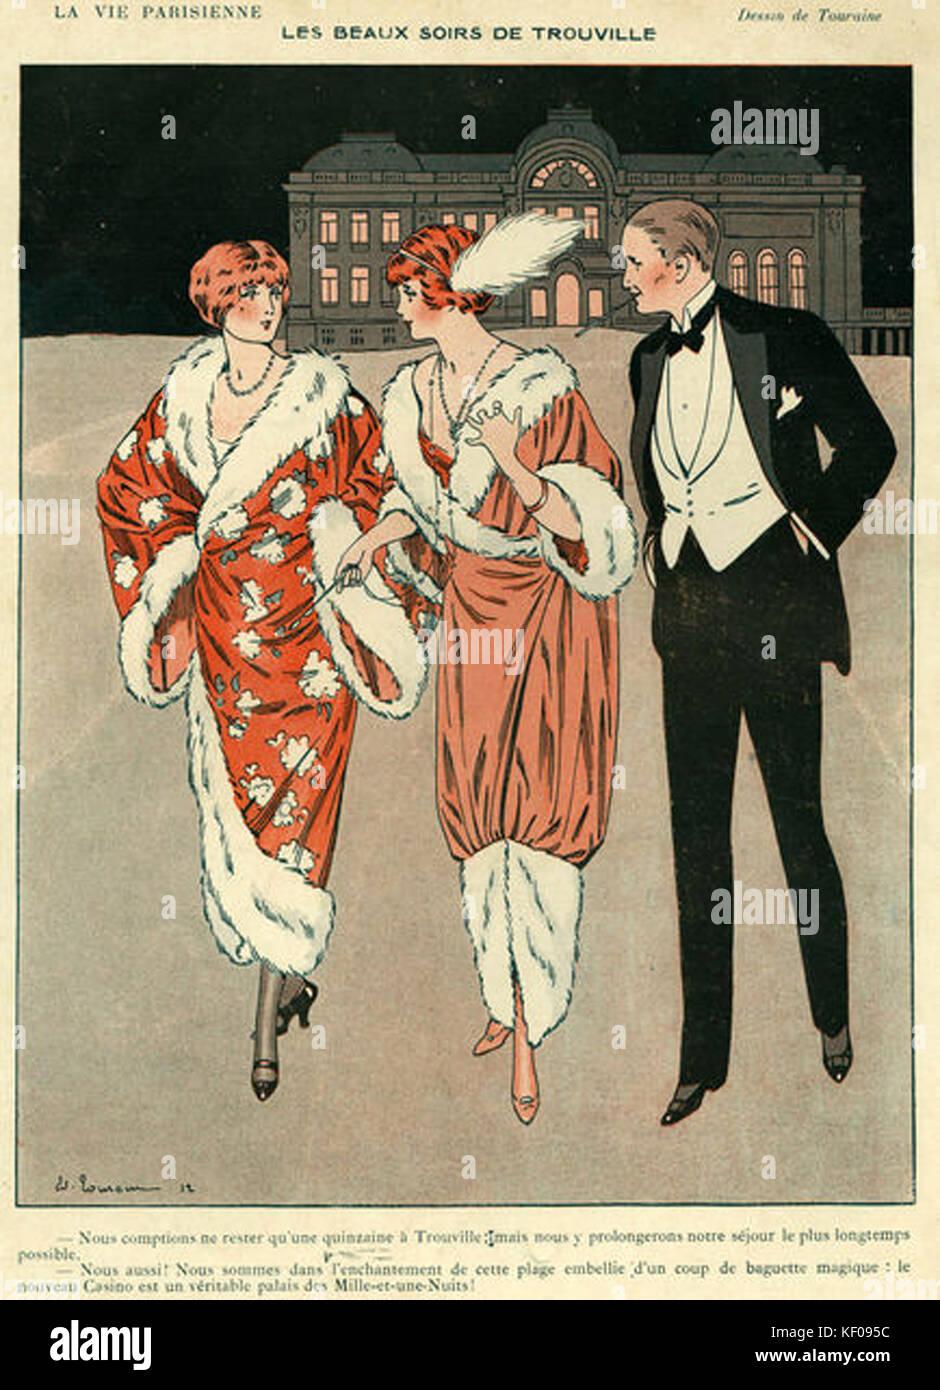 La Vie Parisienne 1912 1910s France Touraine illustrations mens womens hats dresses evening dress tuxedos eveningwear - Stock Image